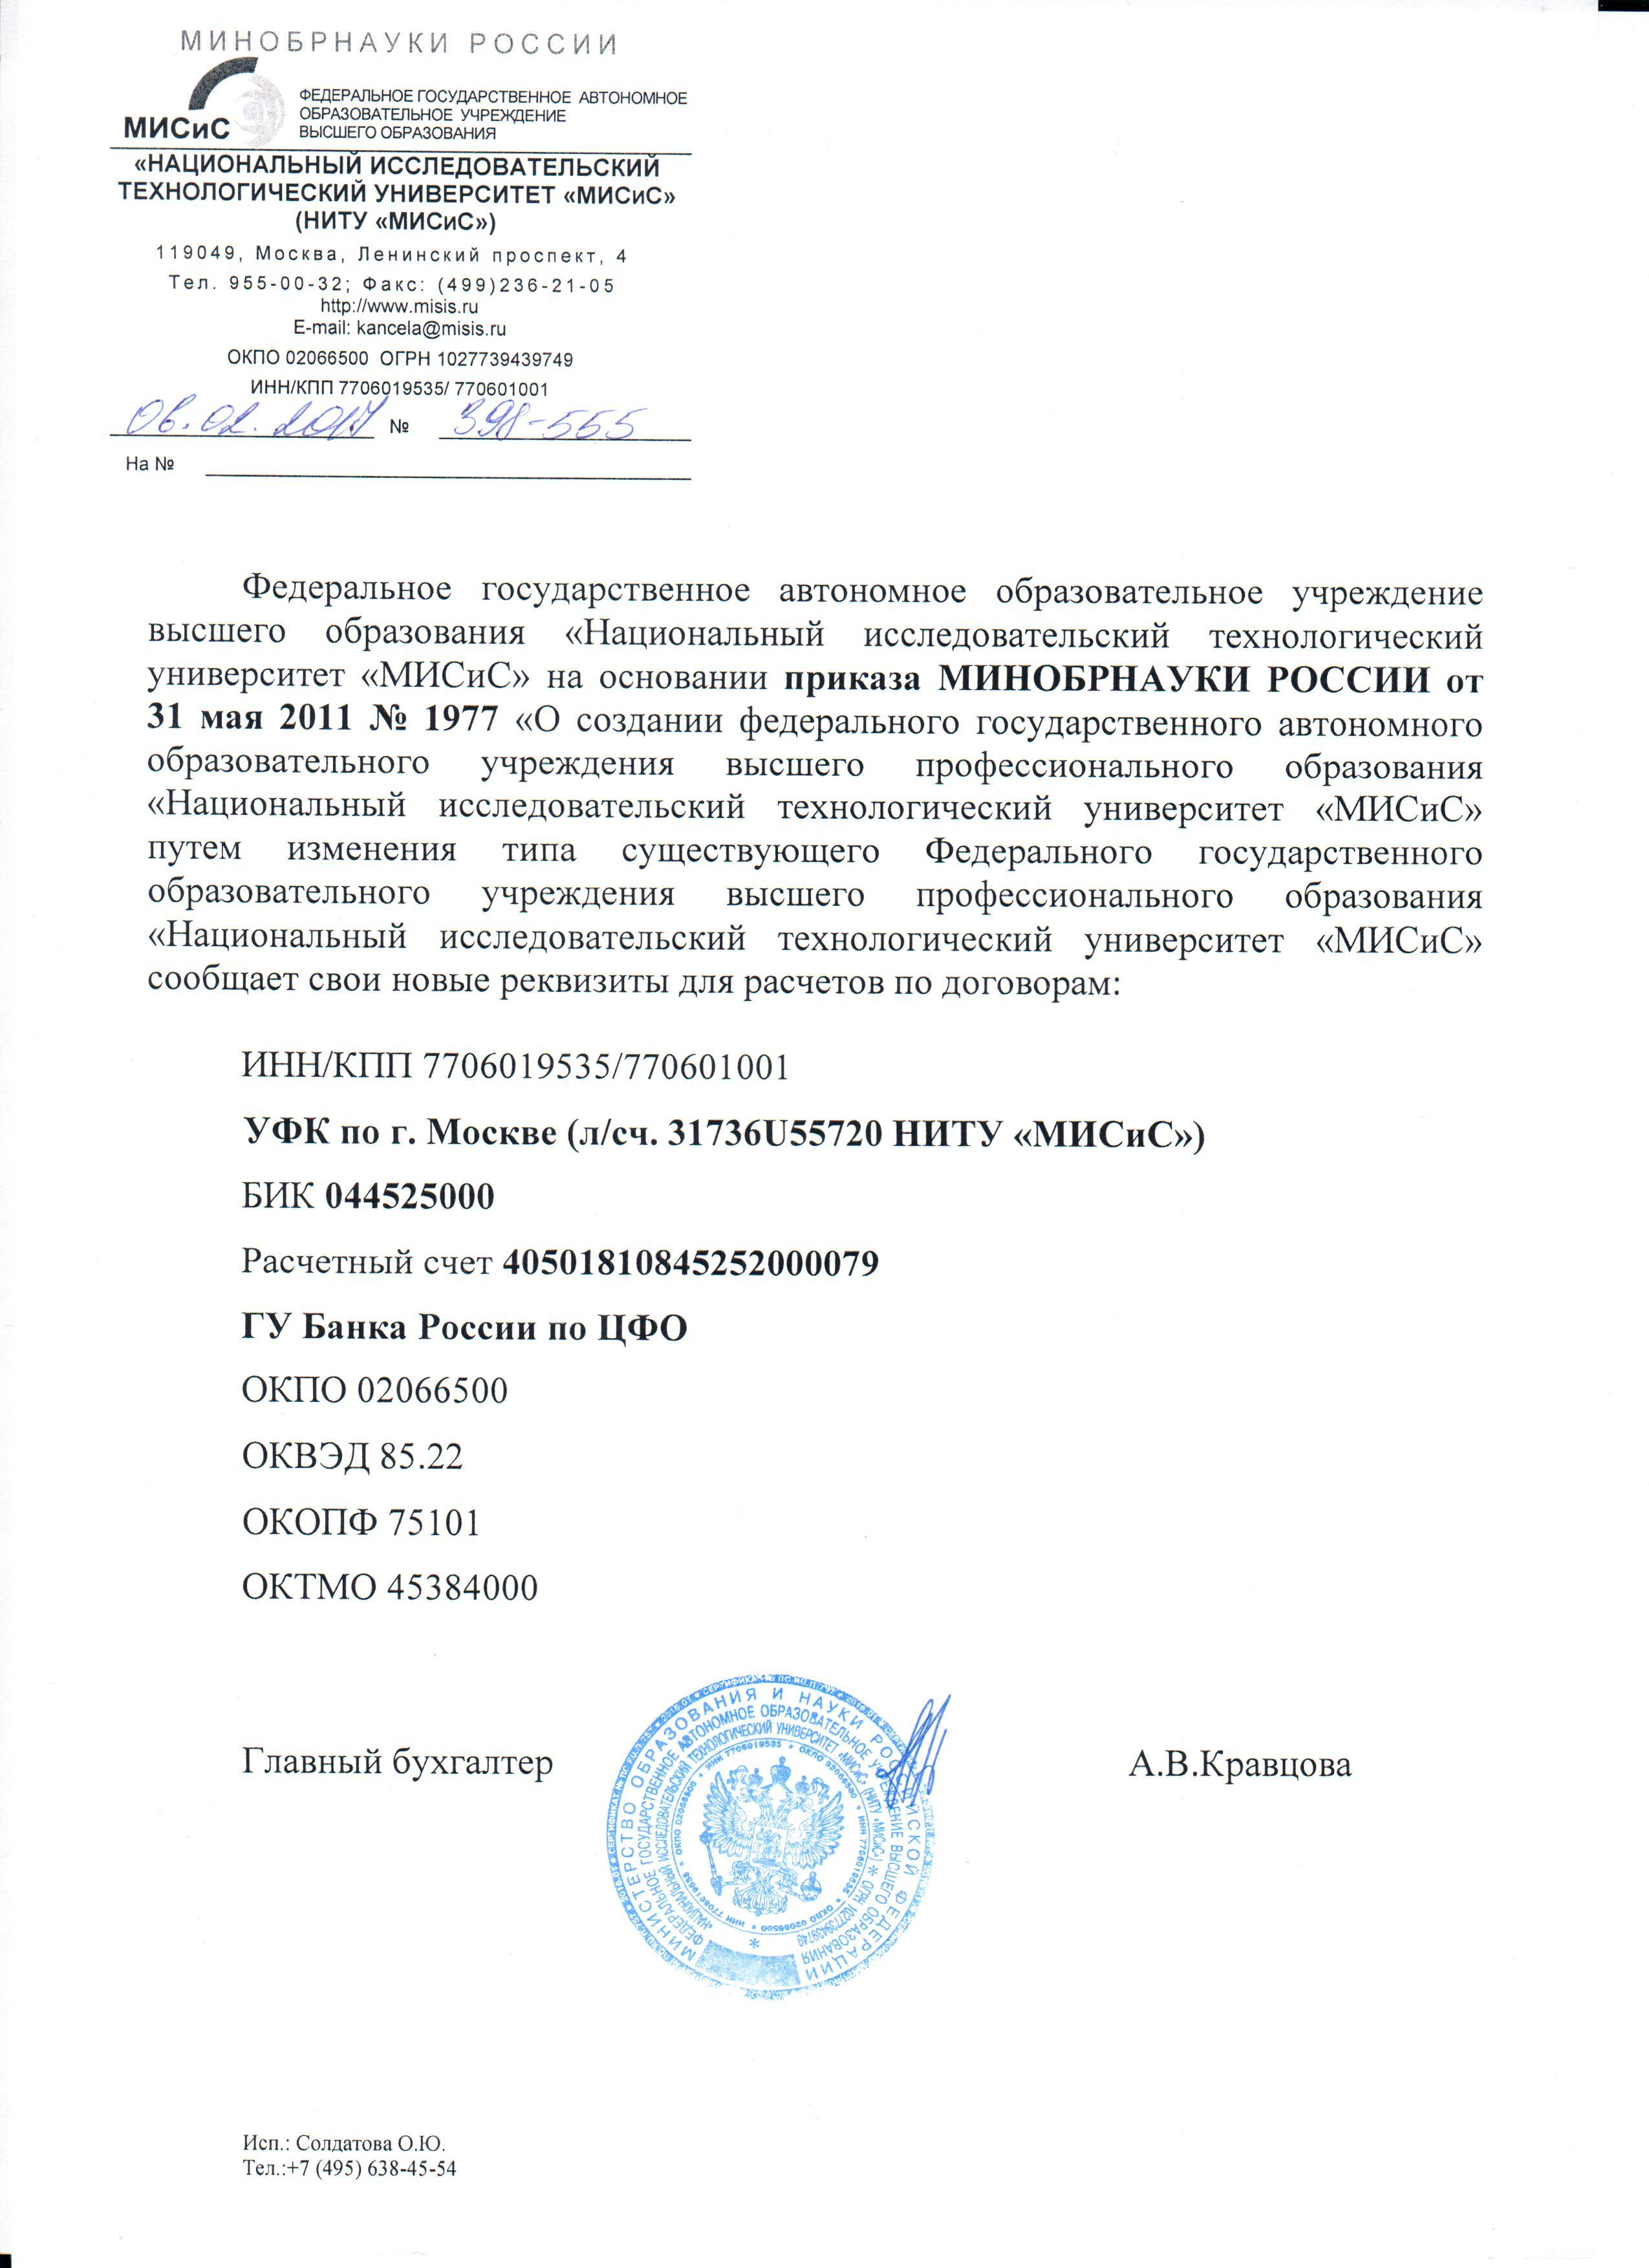 Банк ОТДЕЛЕНИЕ 1 МОСКВА  044583001  МОСКВА 705  БИК